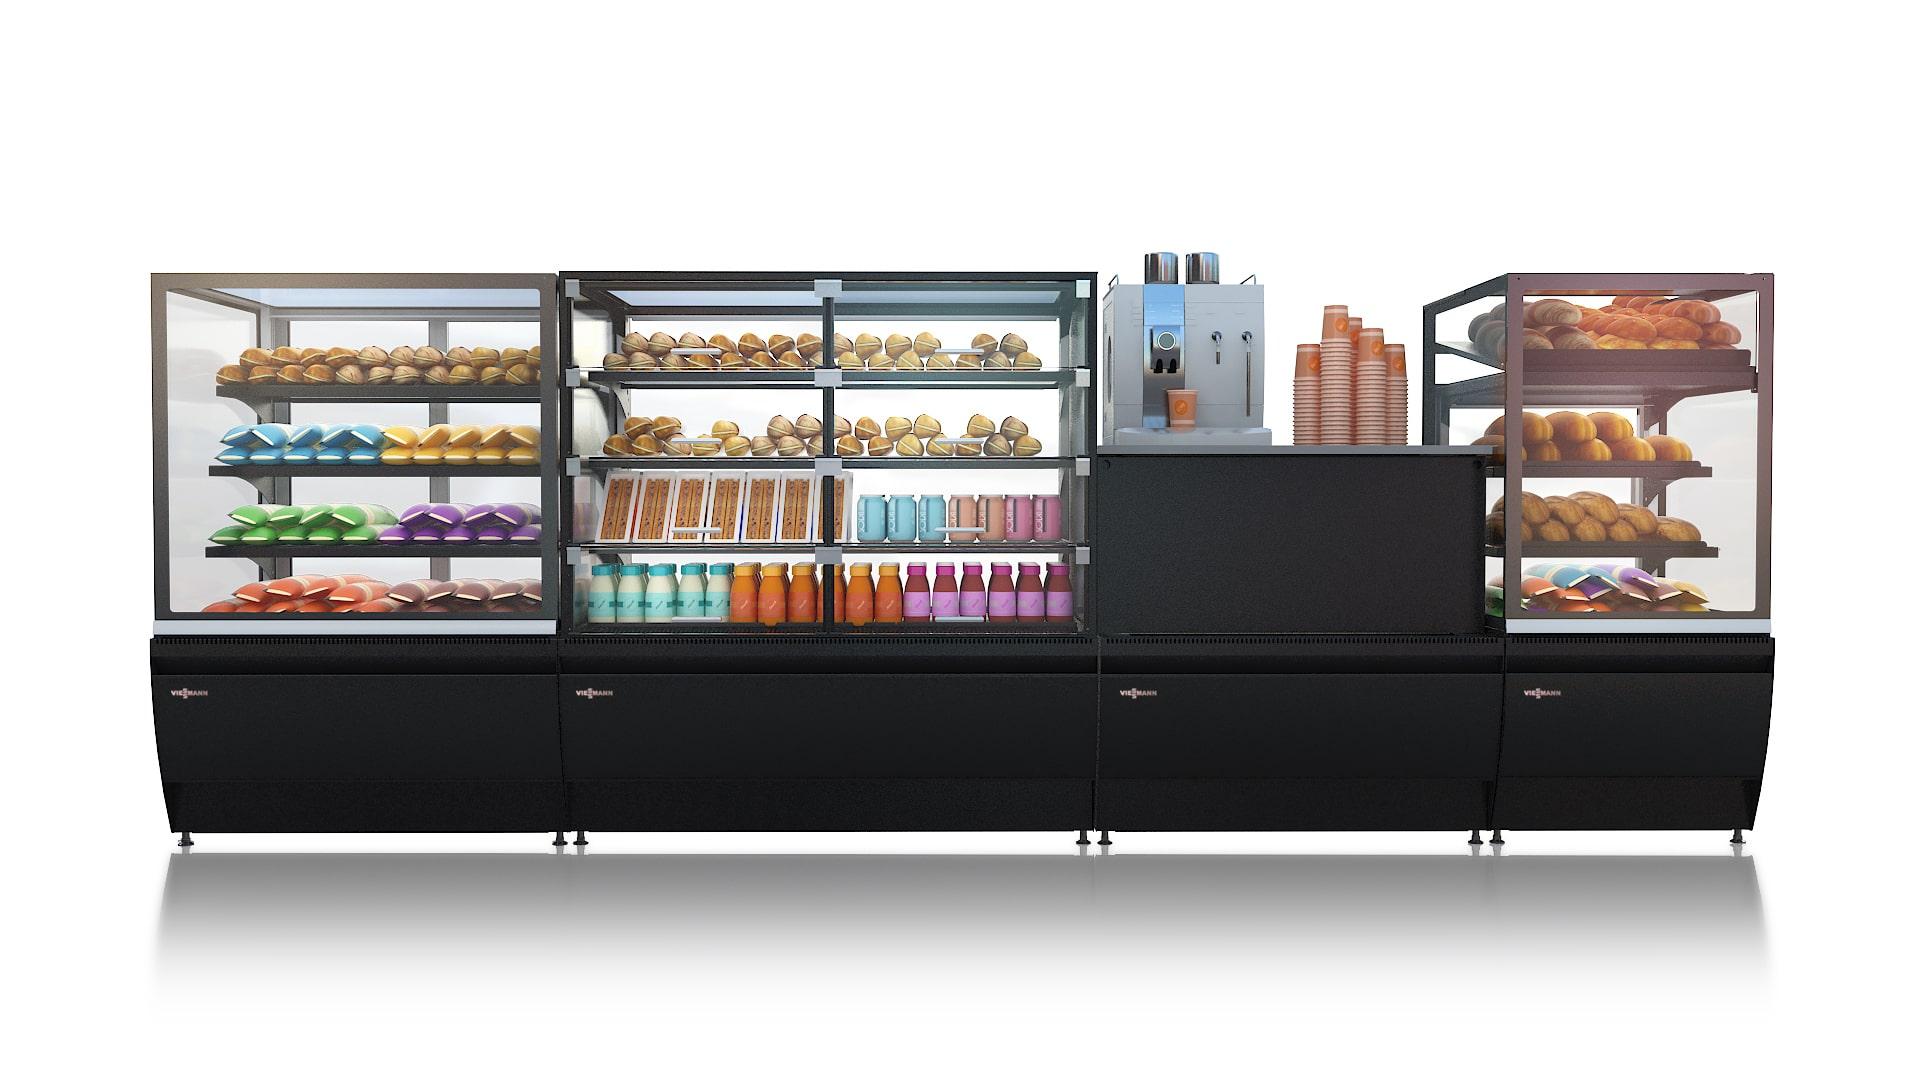 Energieeffizient, nachhaltig, vollhygienisch, komplett – Viessmann präsentiert auf der Inernorga 2018 innovative Kühllösungen im Komplettpaket für die HoReCa-Branche